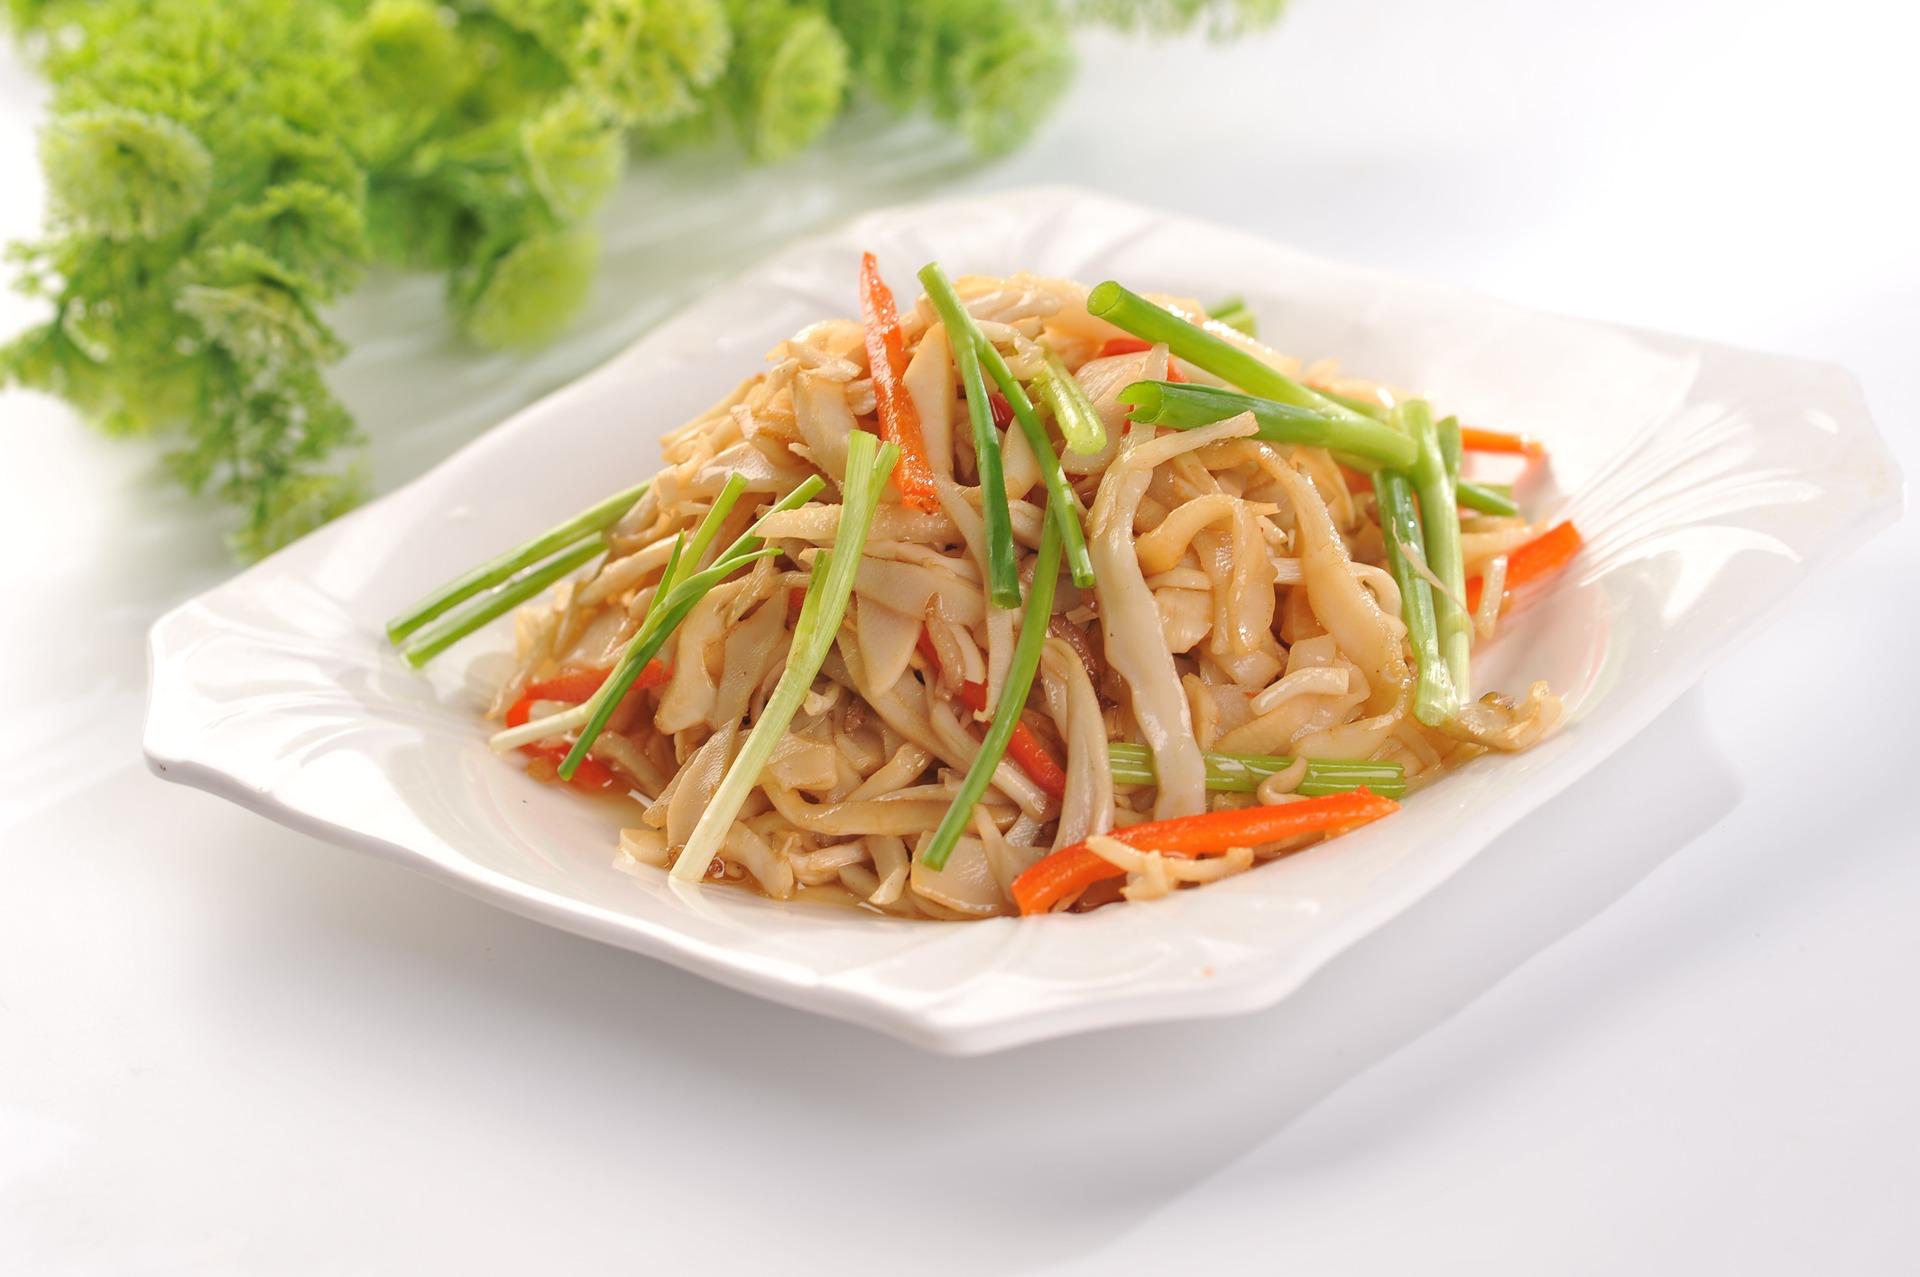 Asiatische Nudel mit Fleisch auch im Lieferservice.